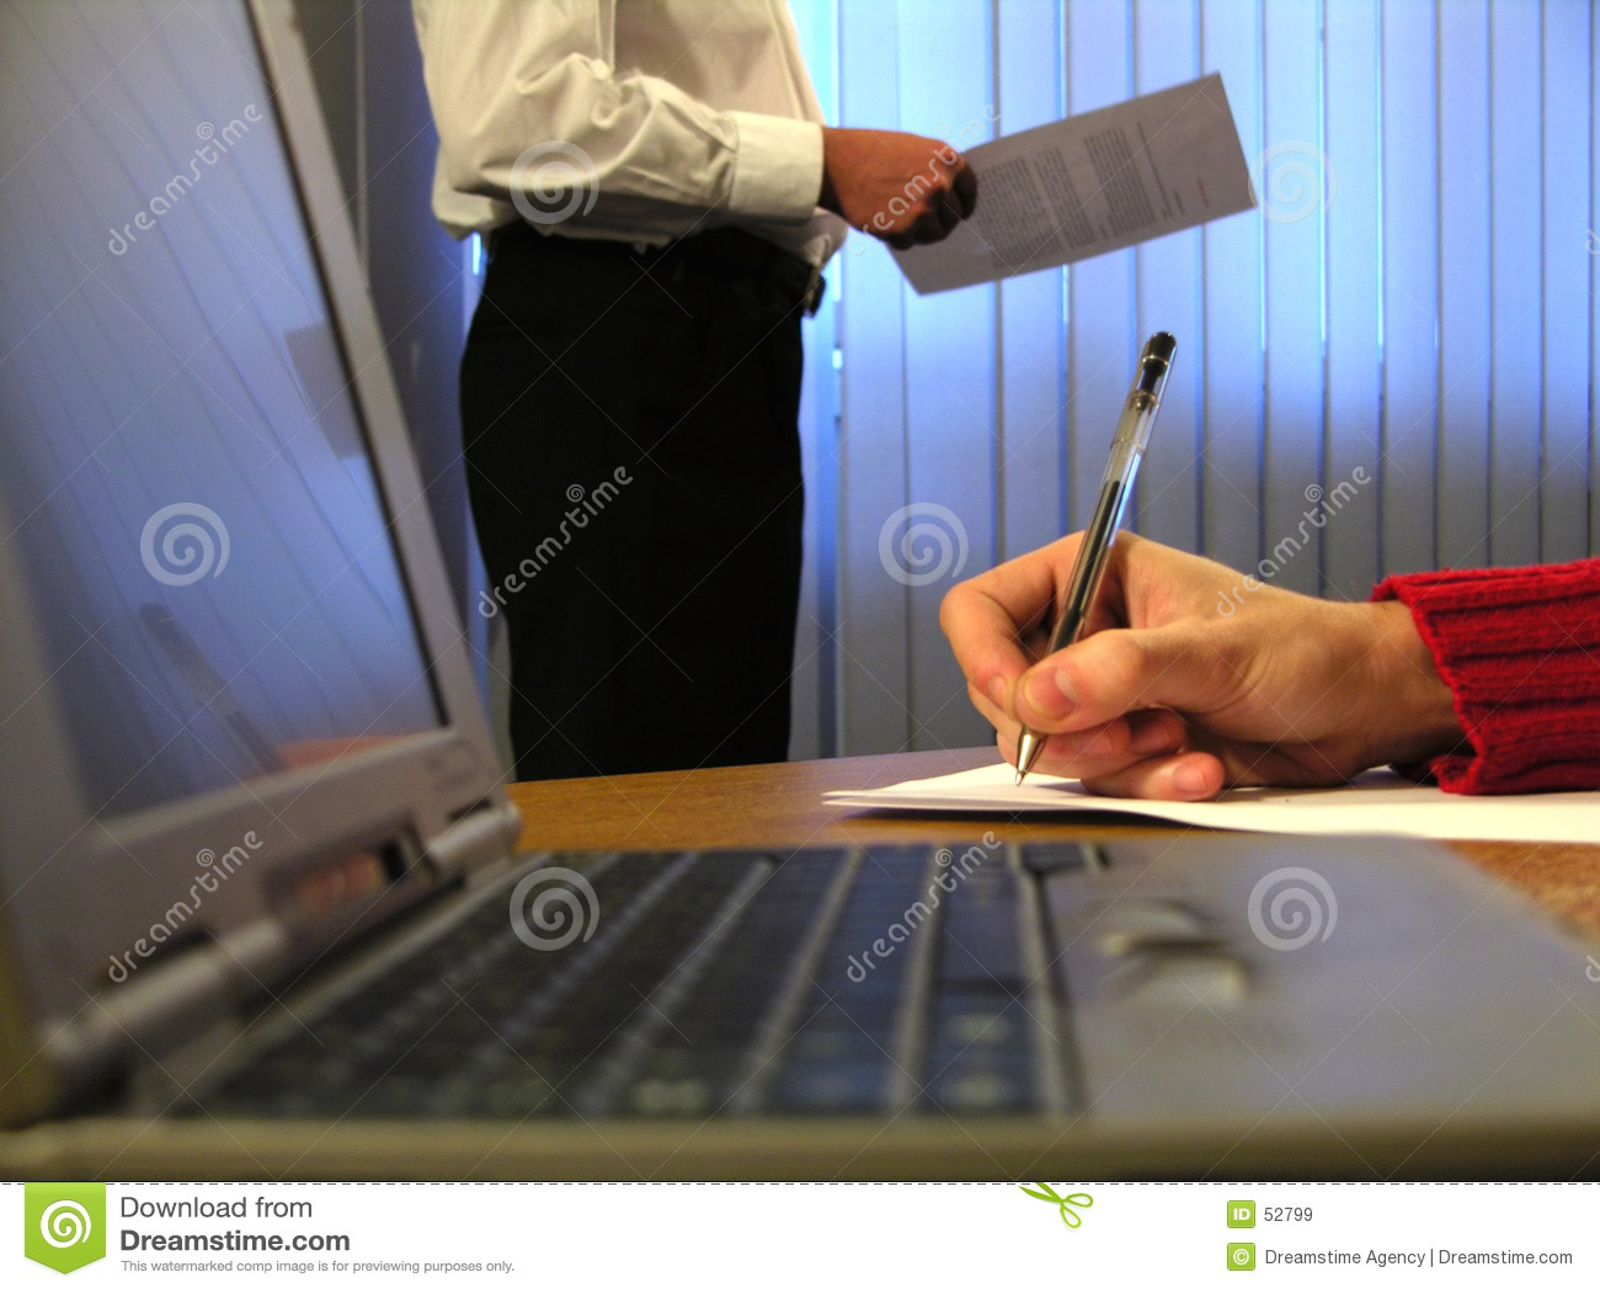 Download Heures de bureau image stock. Image du heures, chemise, management - 52799